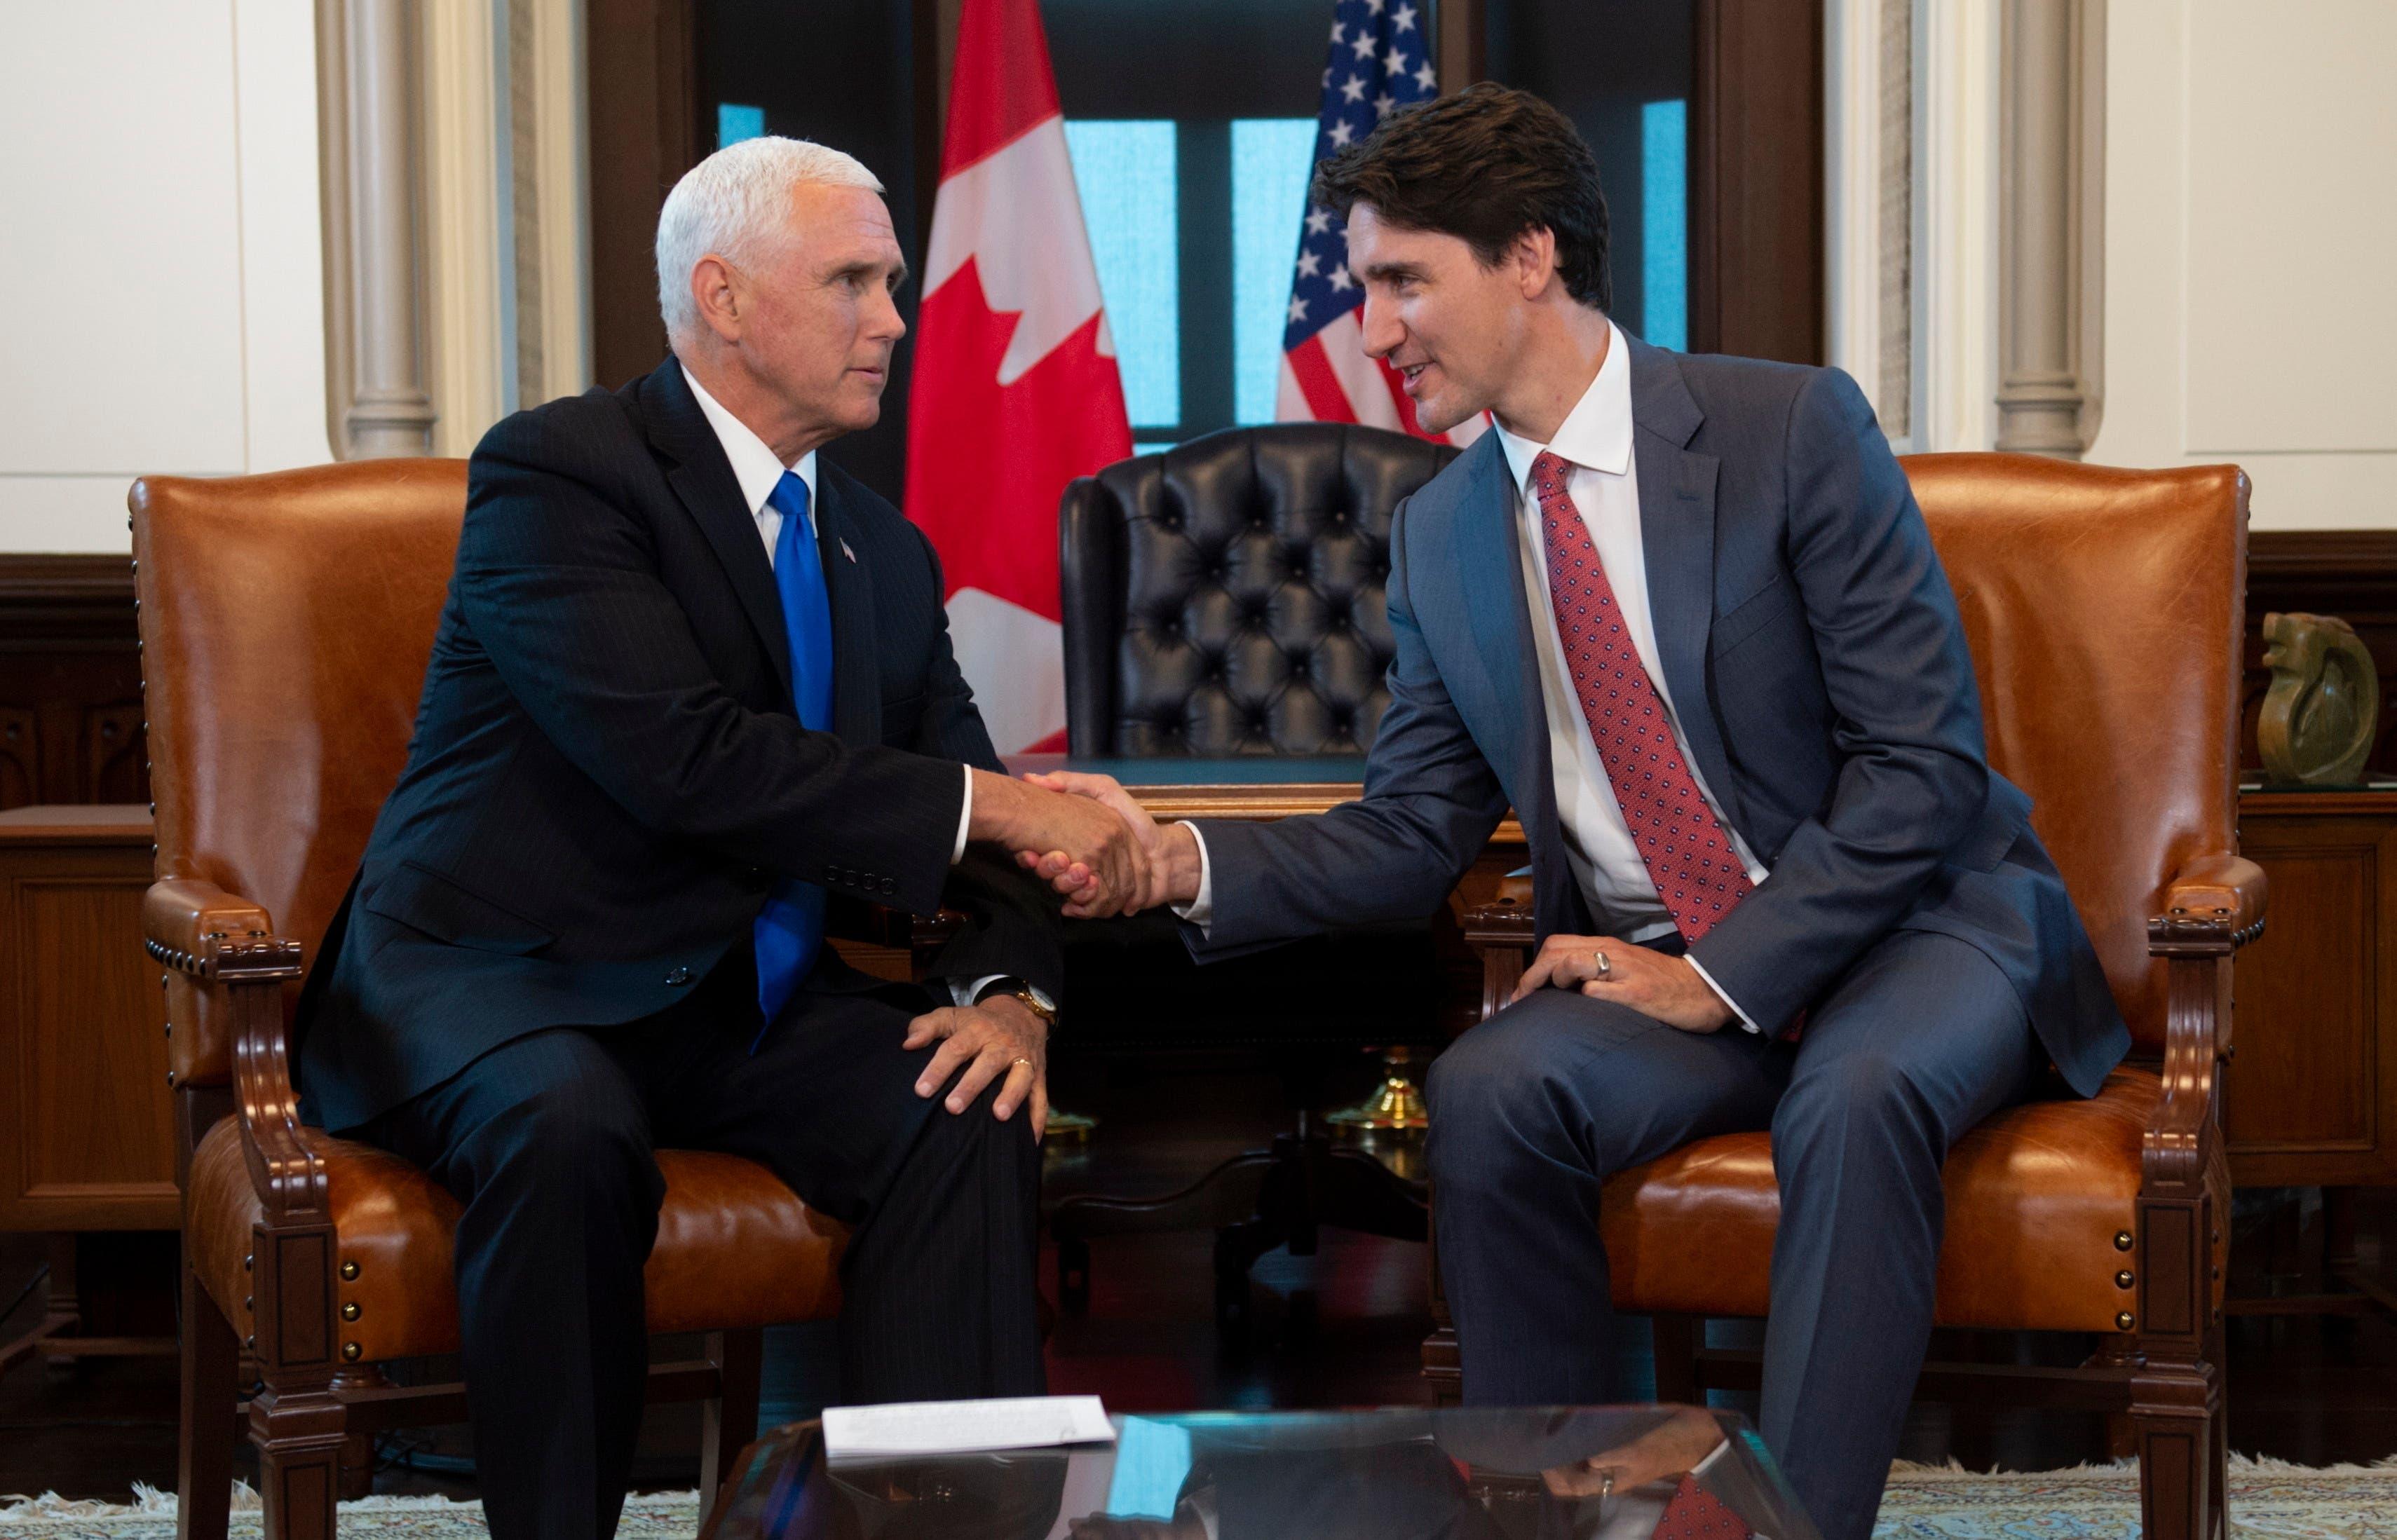 Vicepresidente de EE.UU. Mike Pence tratará conflicto de Venezuela con primer ministro canadiense